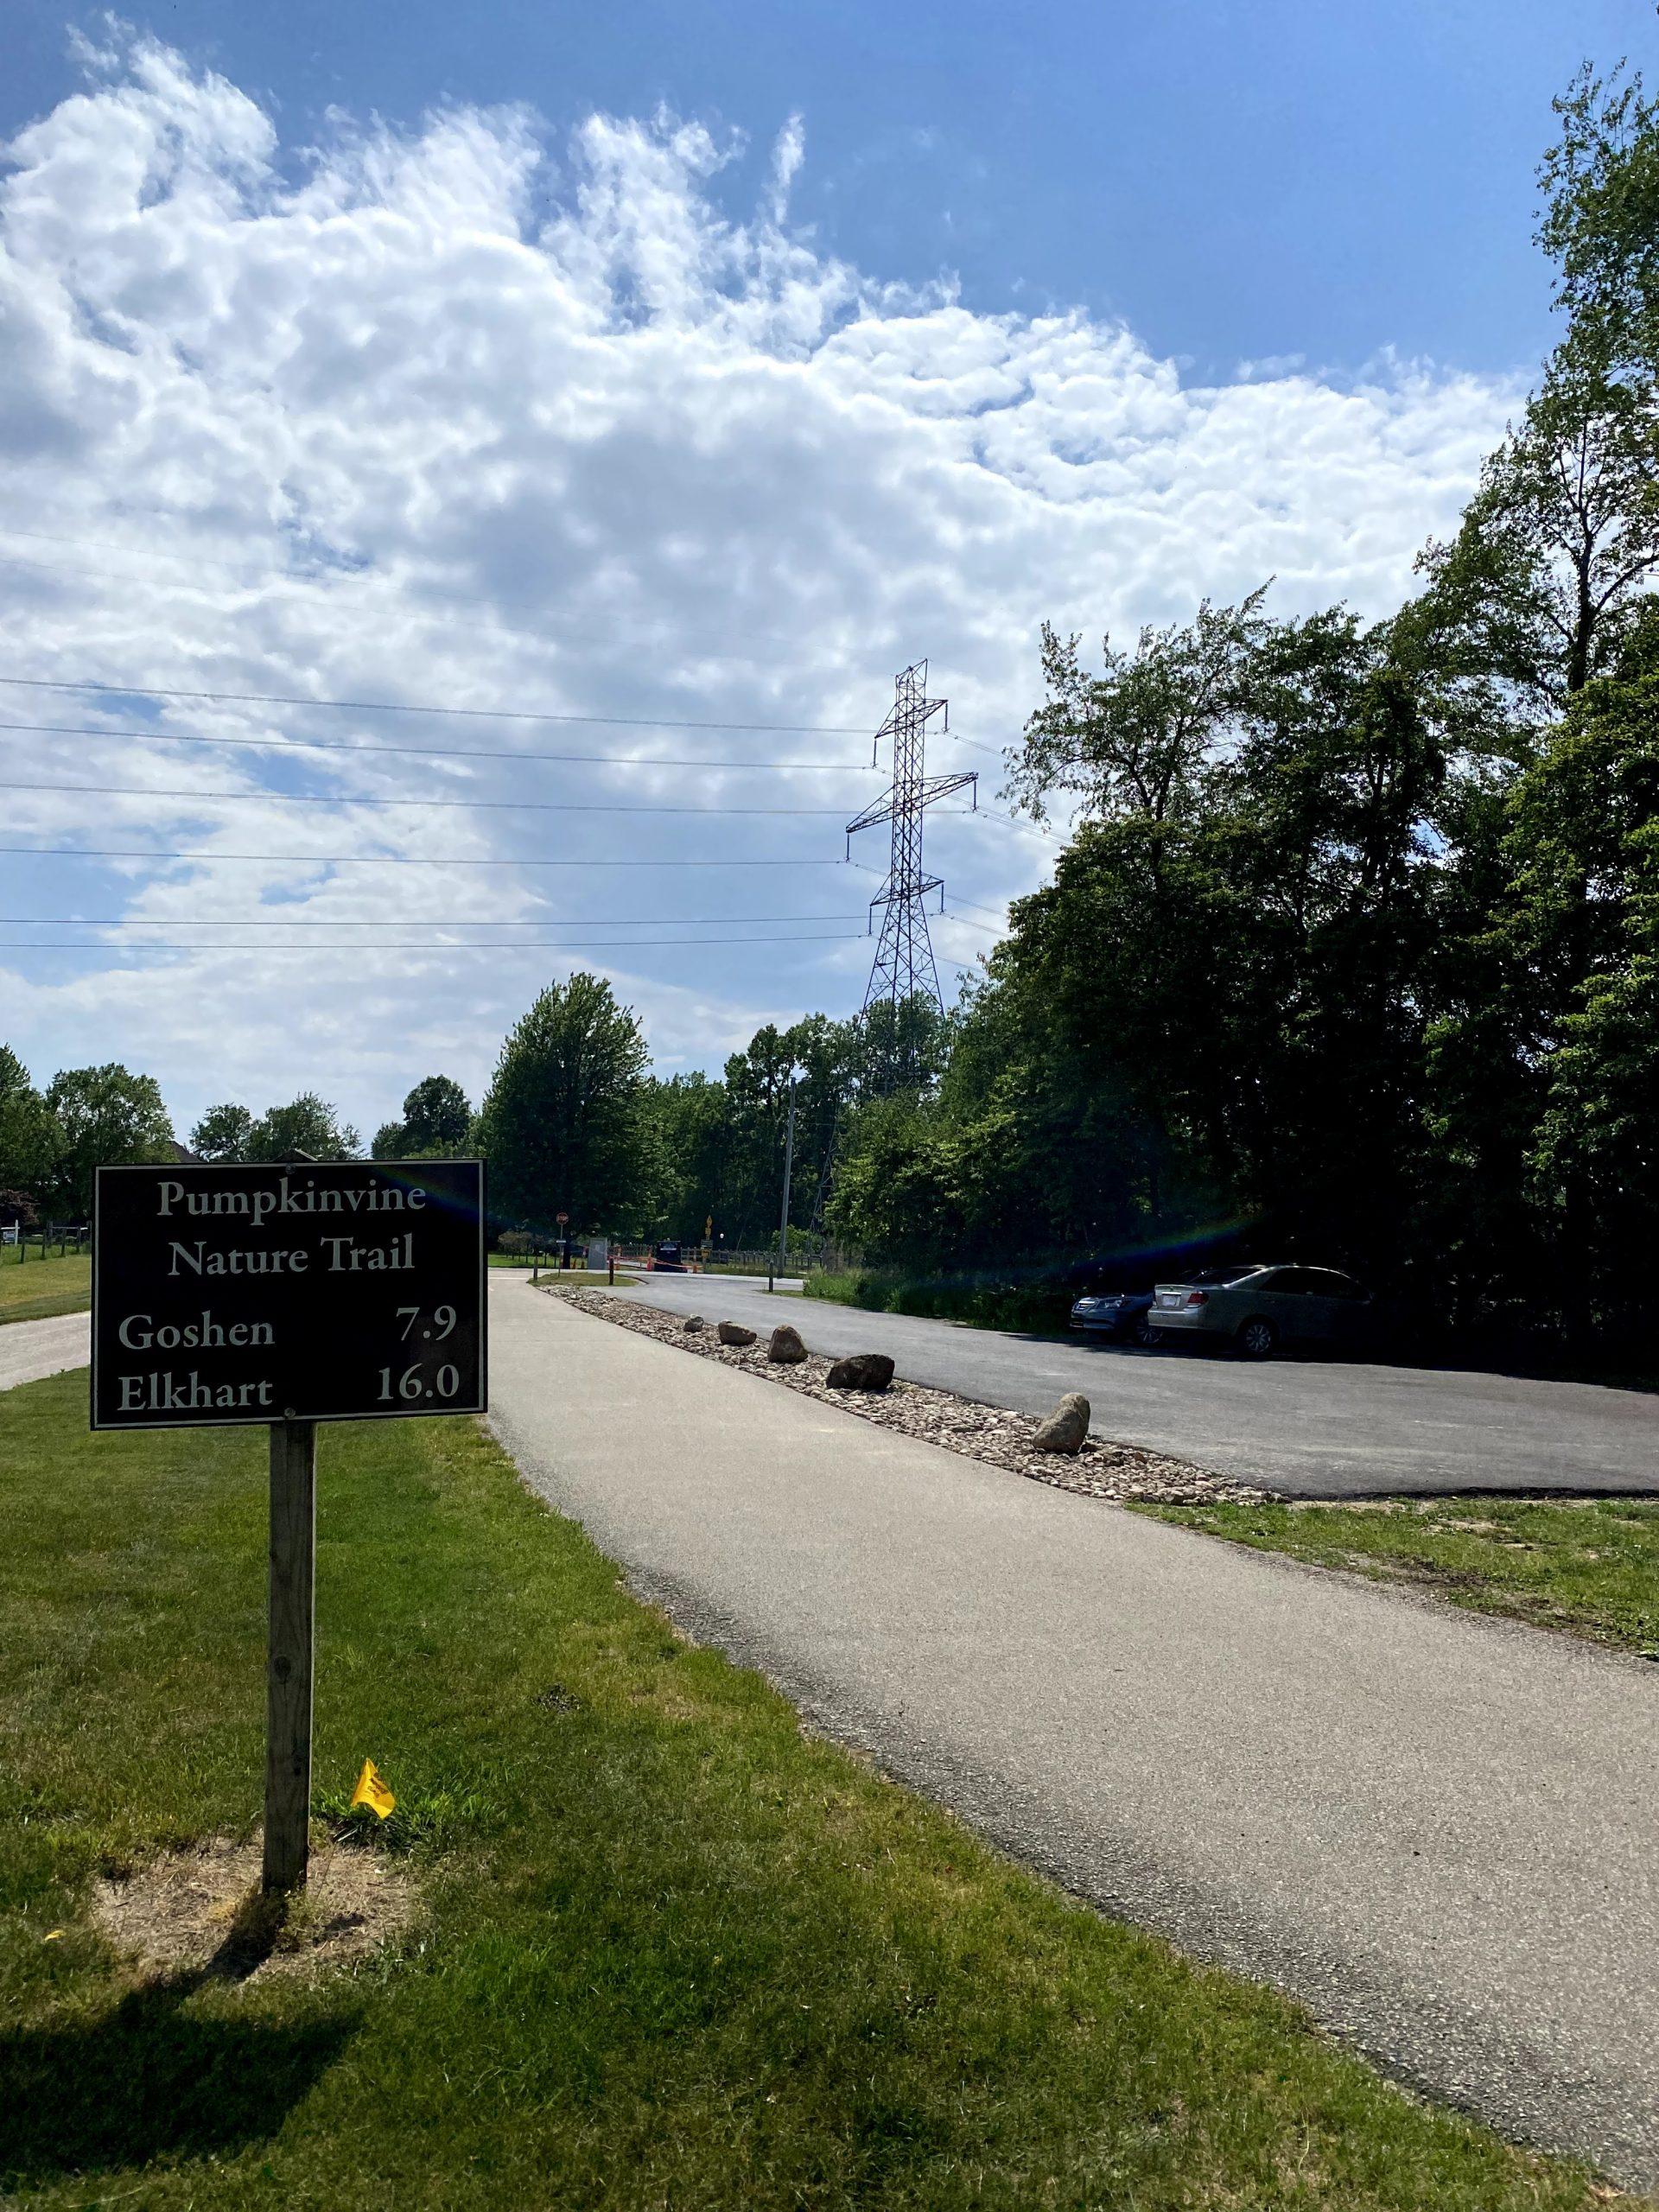 Pumpkinvine Nature Trail CR 35 parking lot